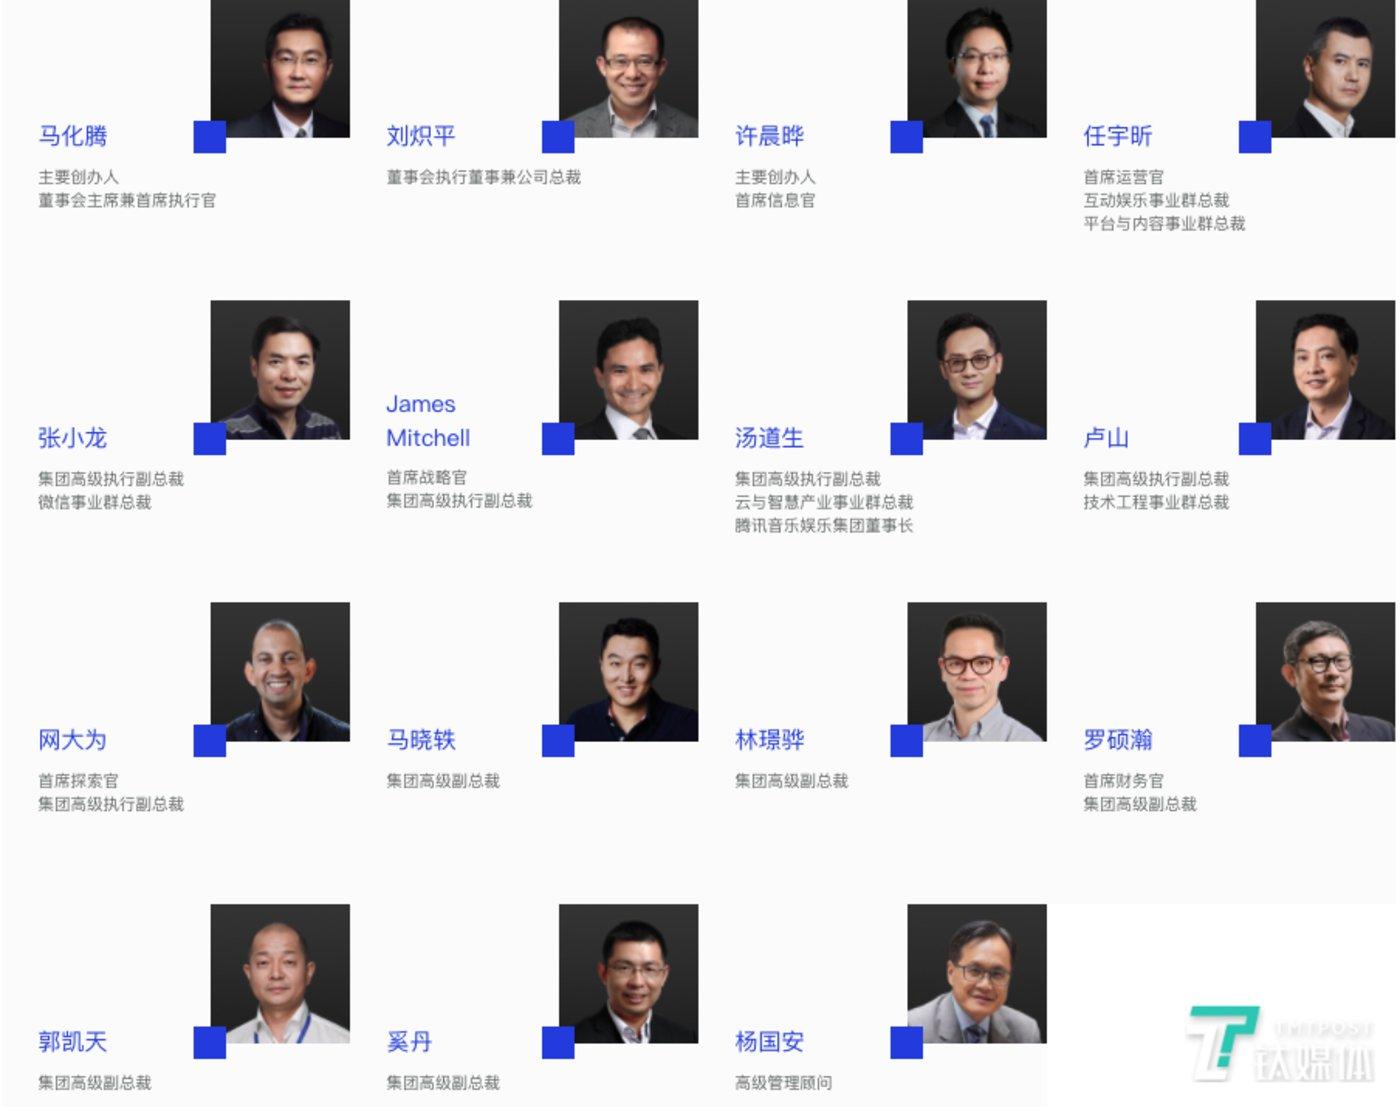 腾讯控股官网上的管理团队成员,目前有15人